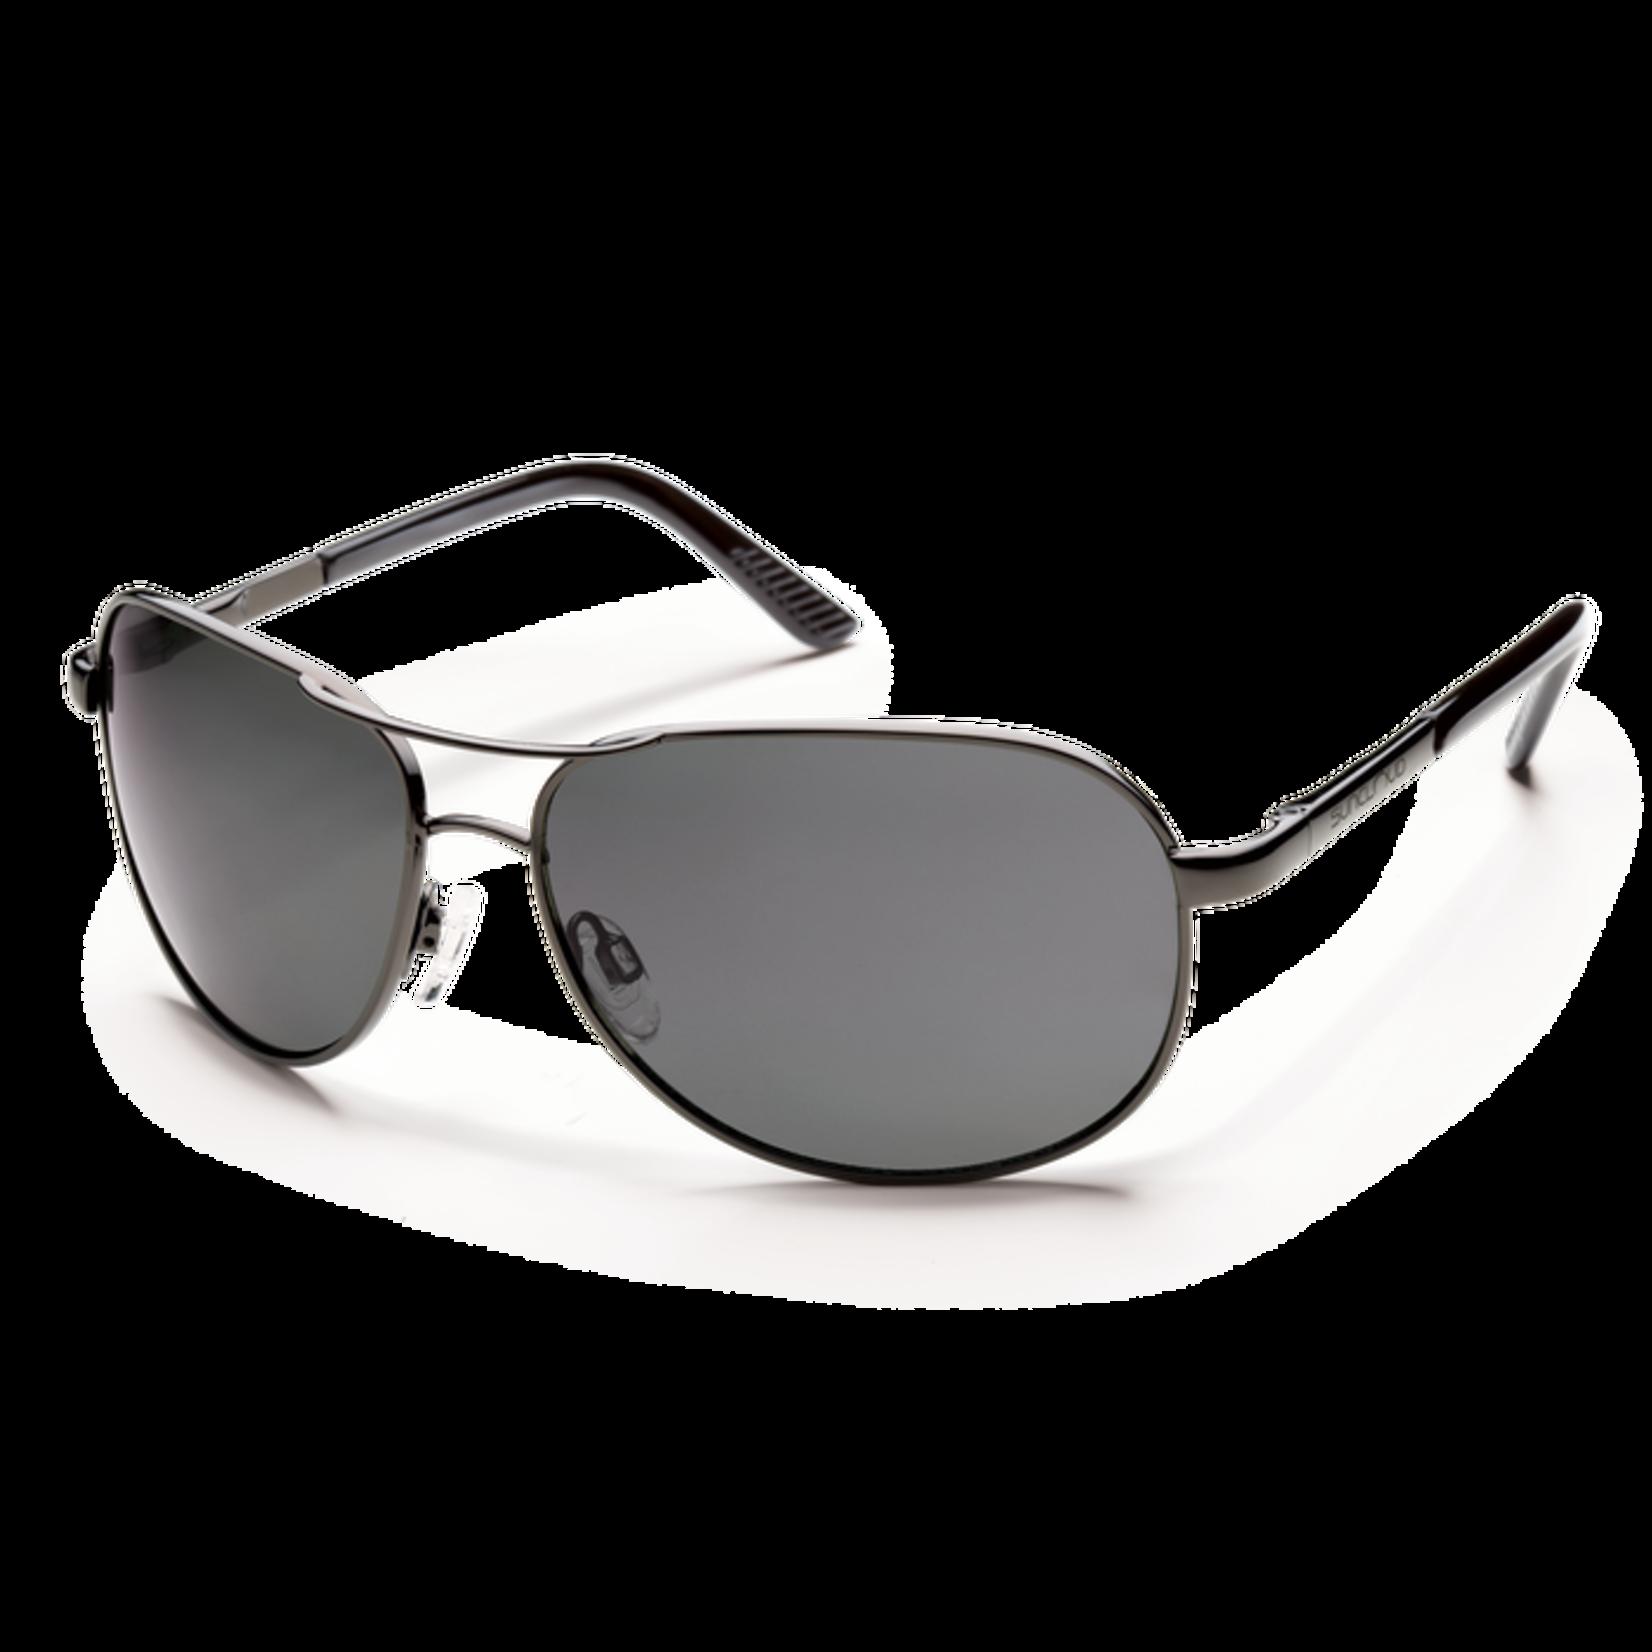 Suncloud Optics Suncloud Aviator Polarized Sunglasses